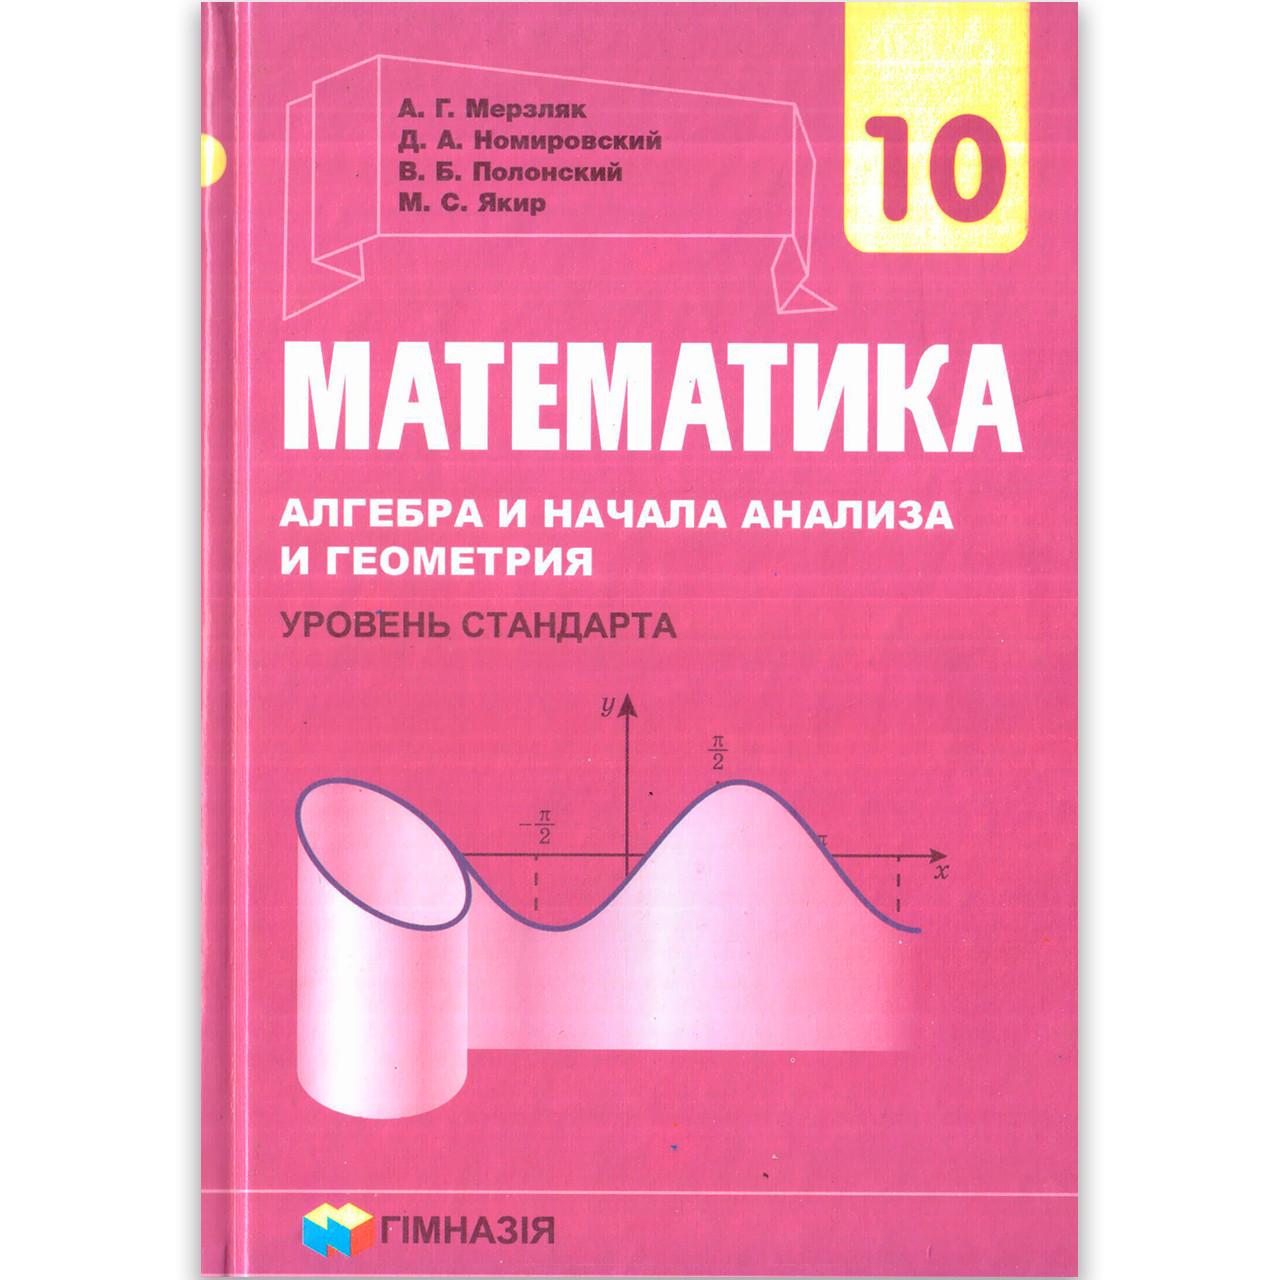 Учебник Математика 10 класс Уровень Стандарта Авт: МерзлякА. Изд: Гімназія